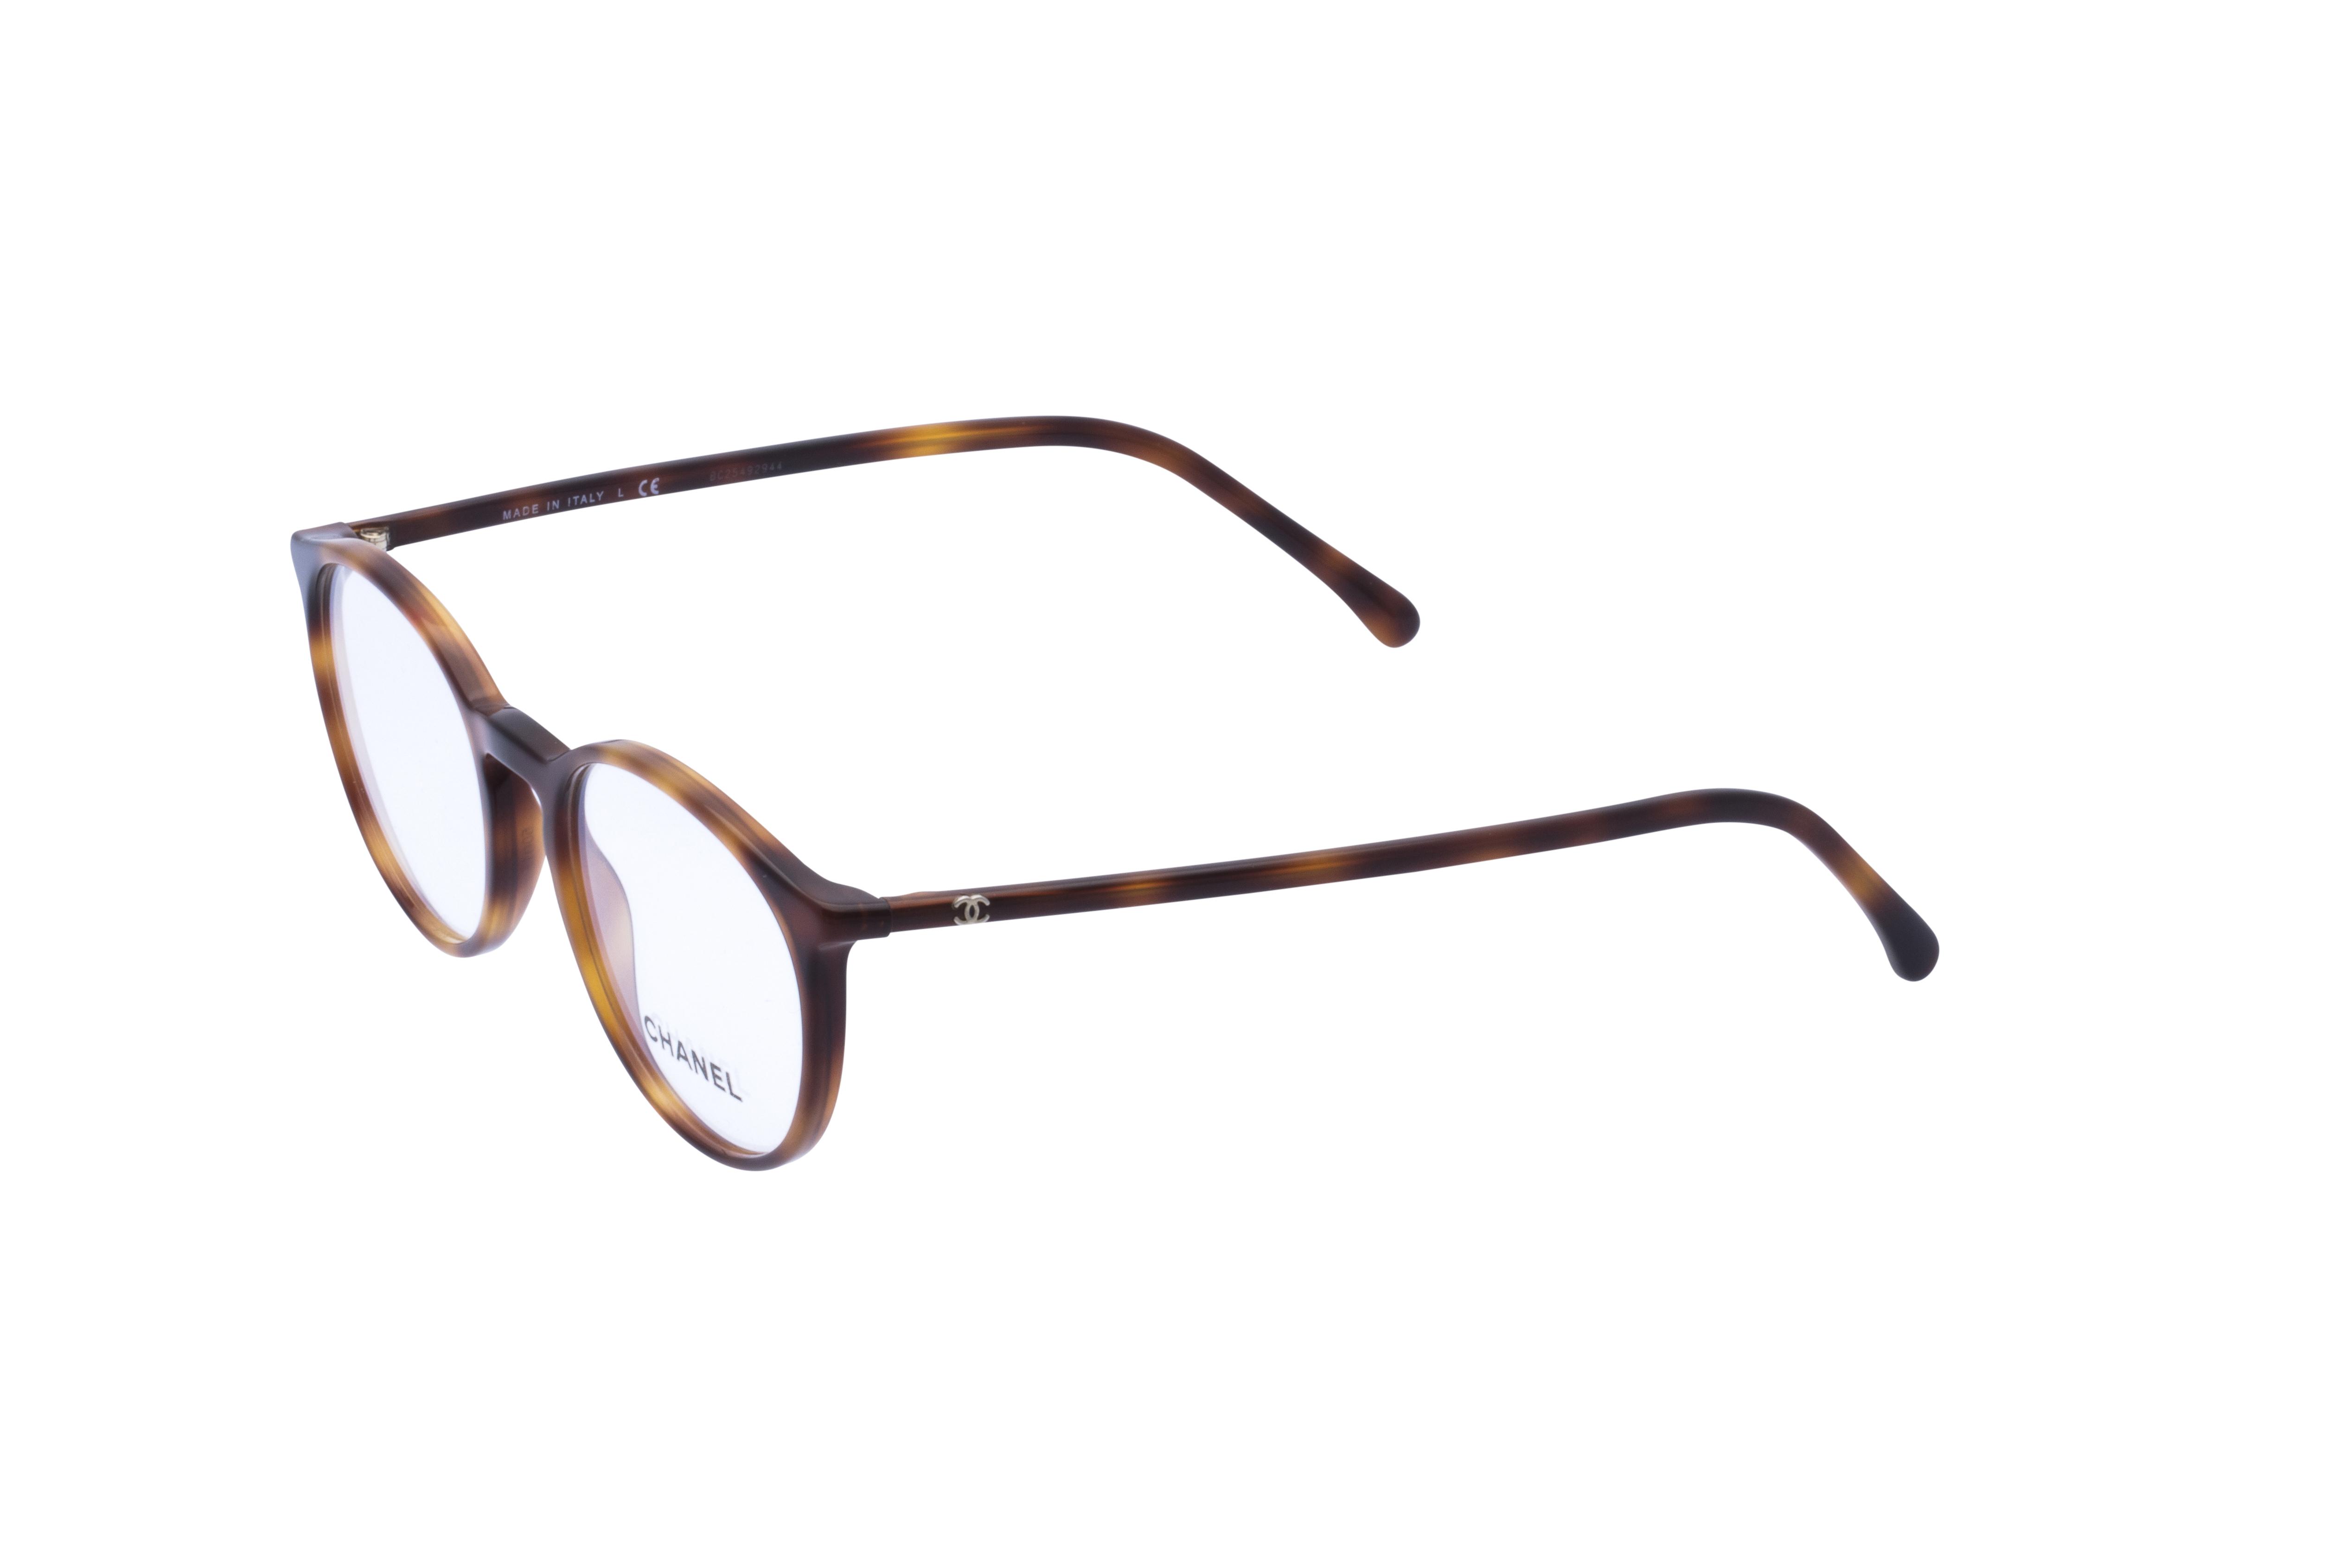 360 Grad Ansicht 20 Chanel 3372 Frontansicht, Brille auf Weiß - Fassung bei KUNK